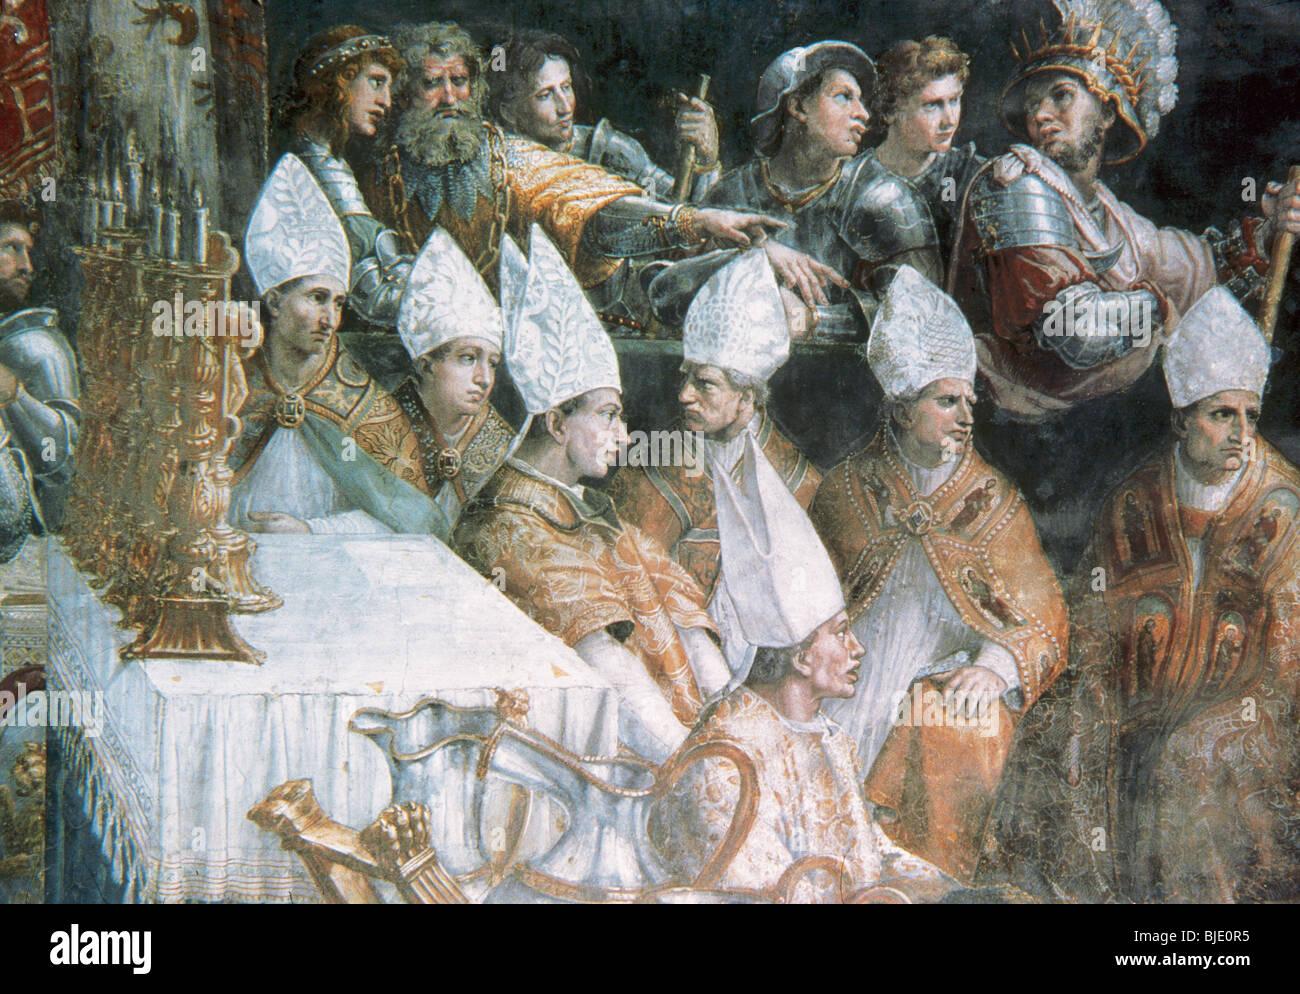 Raphael, Raffaello Santi oder Sanzio, genannt (Urbino, 1483-Rom, 1520). Italienischer Maler. Krönung Karls Stockbild